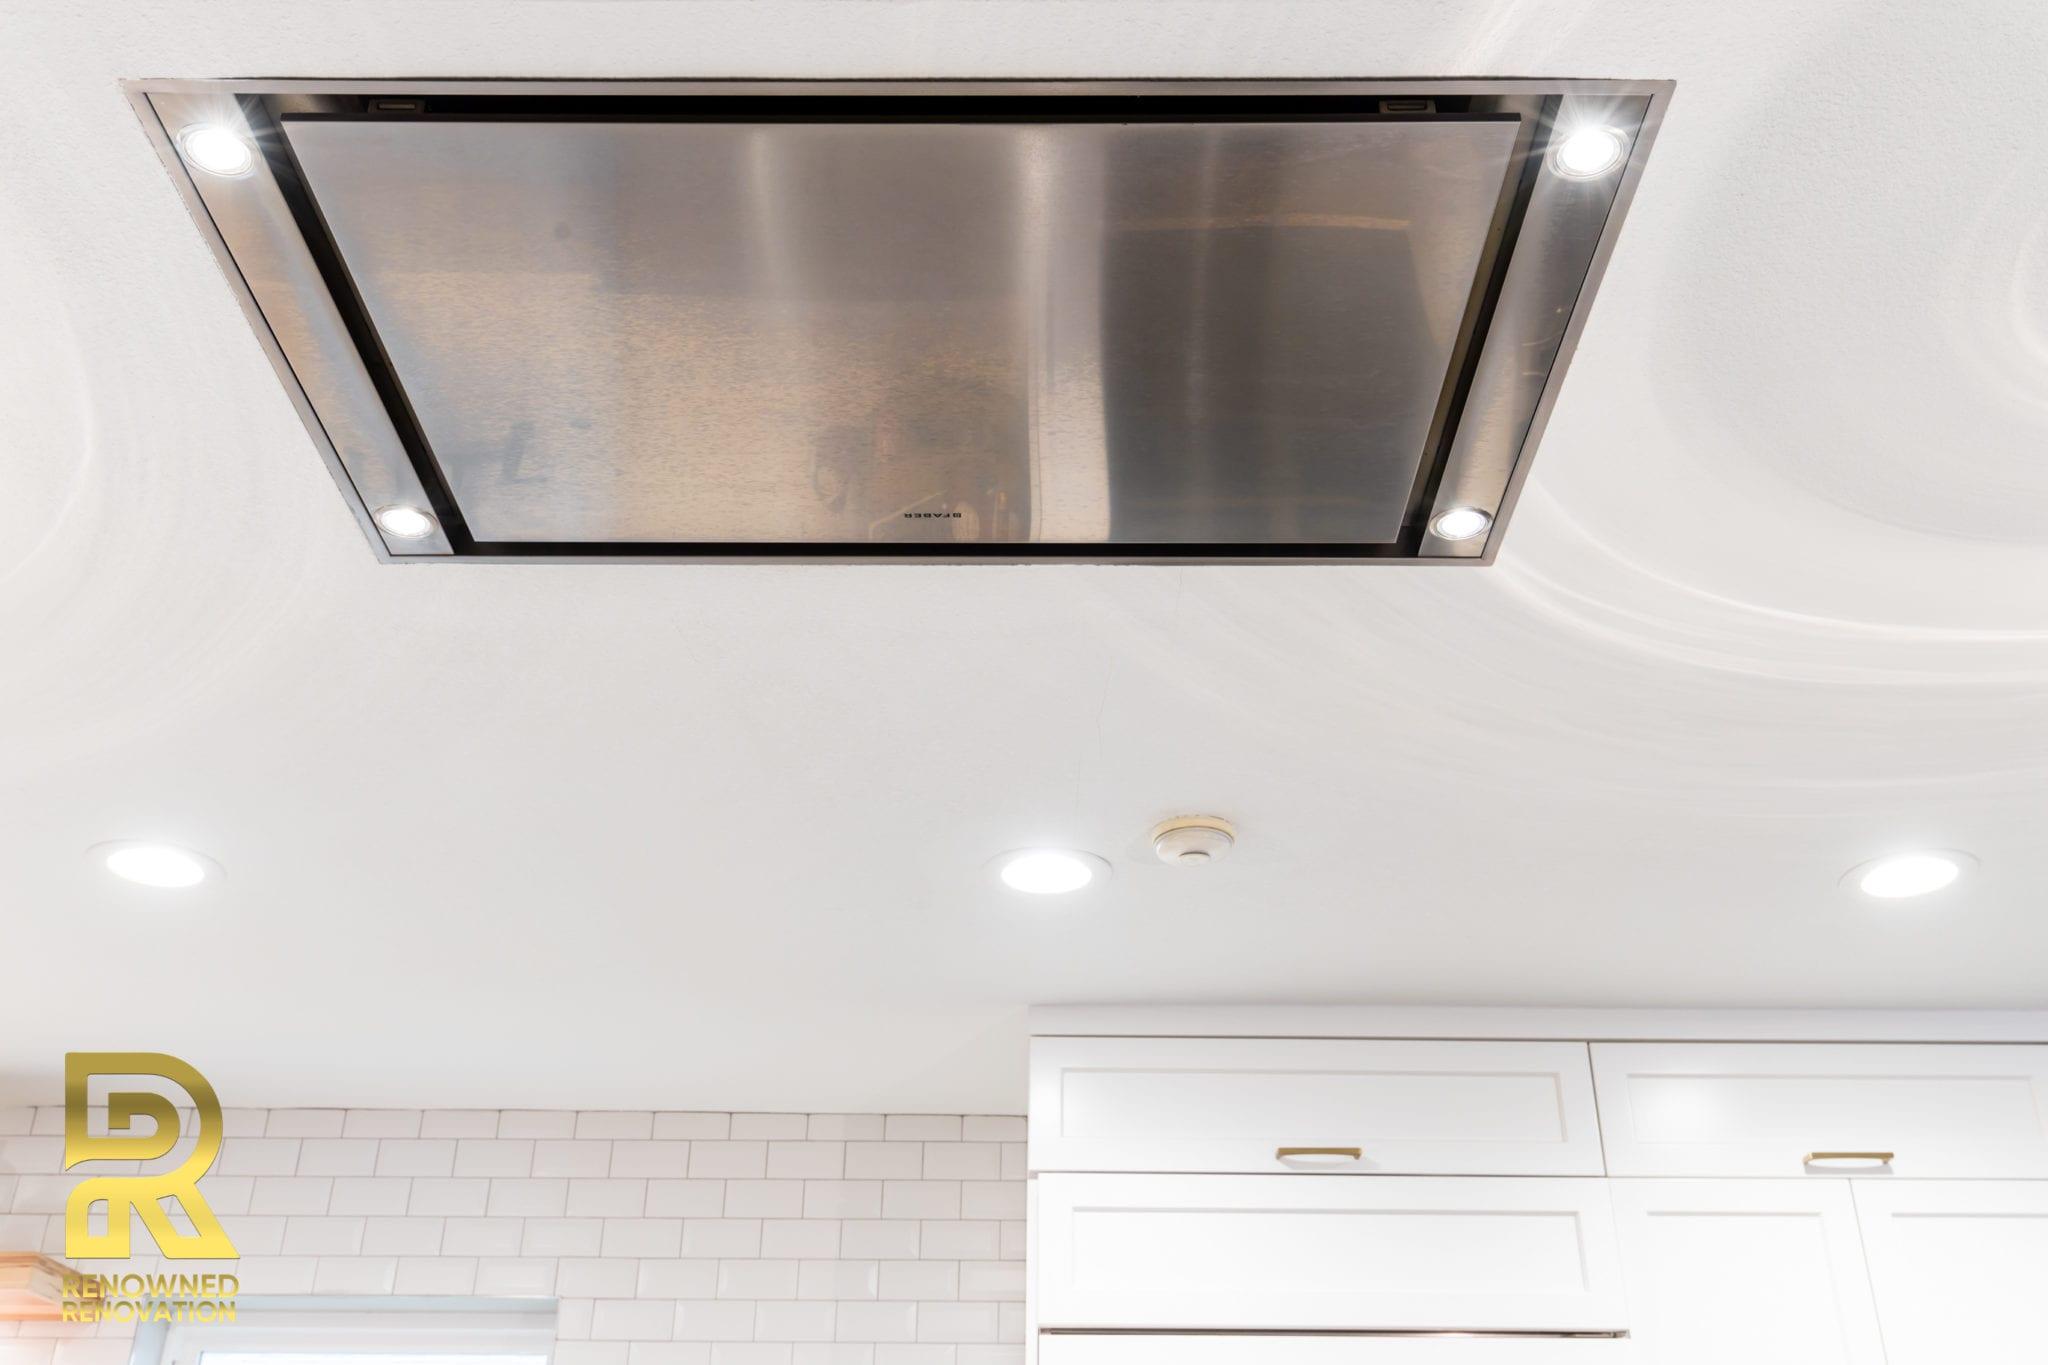 Stratus ceiling hood